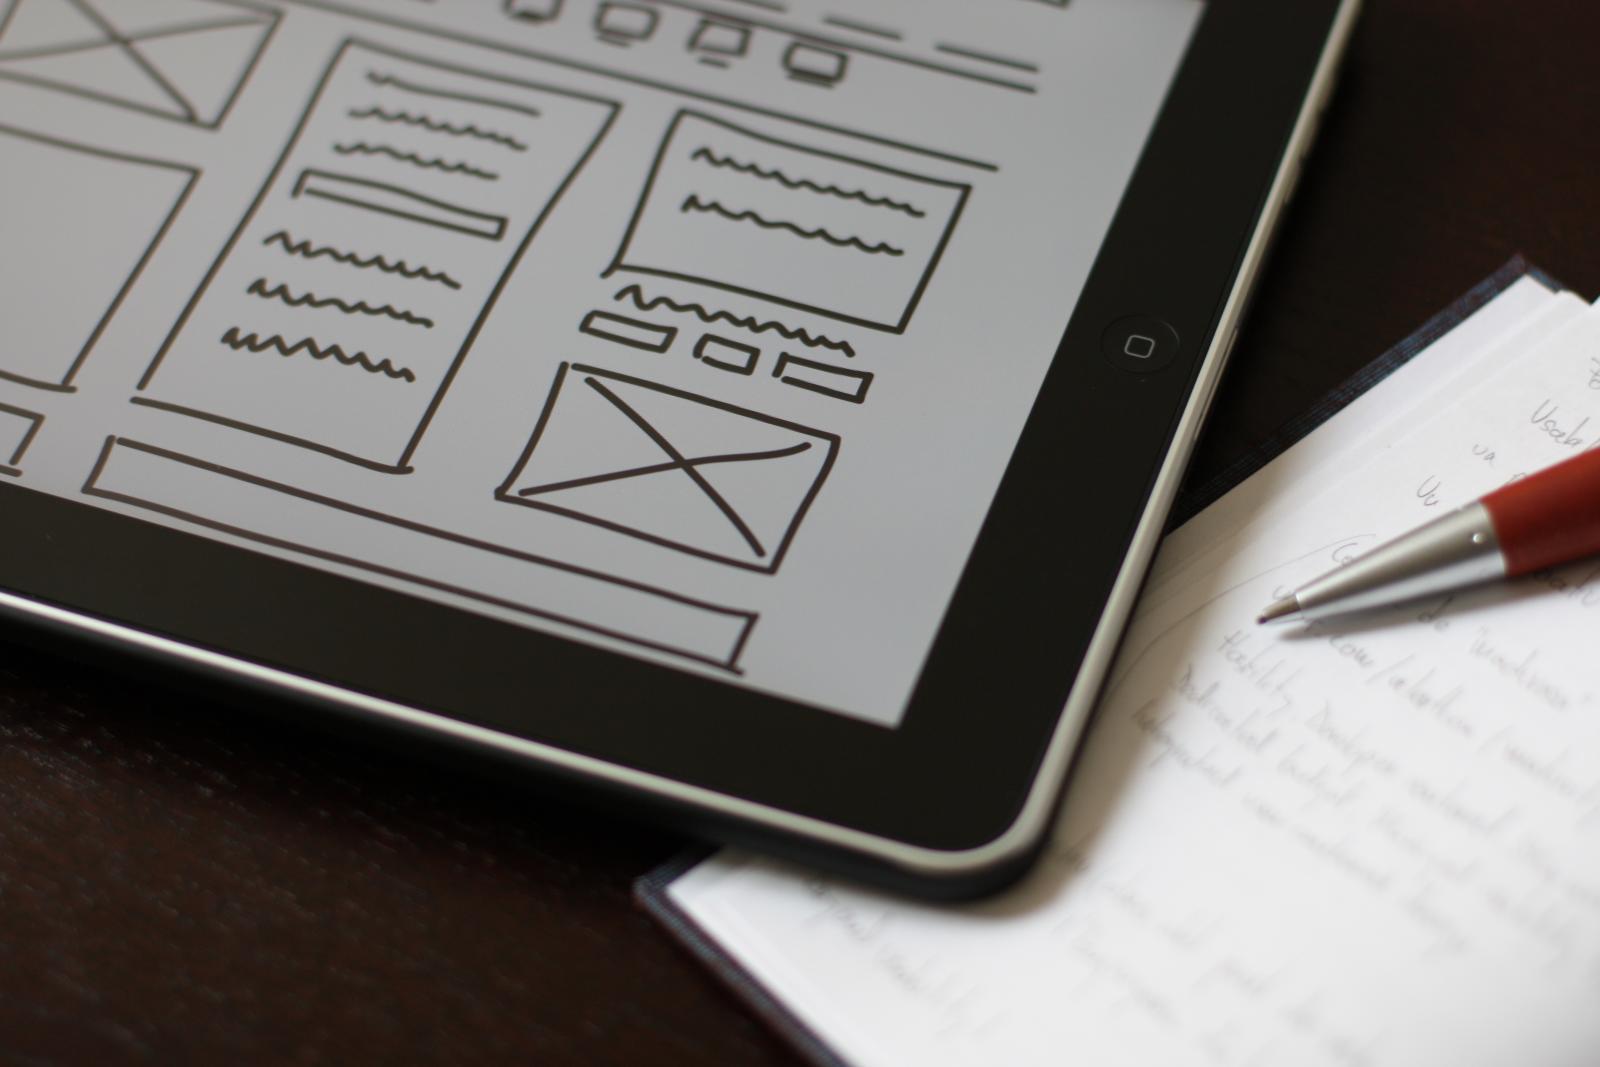 Литературный дайджест: 35 книг о дизайне интерфейсов и контент-маркетинге